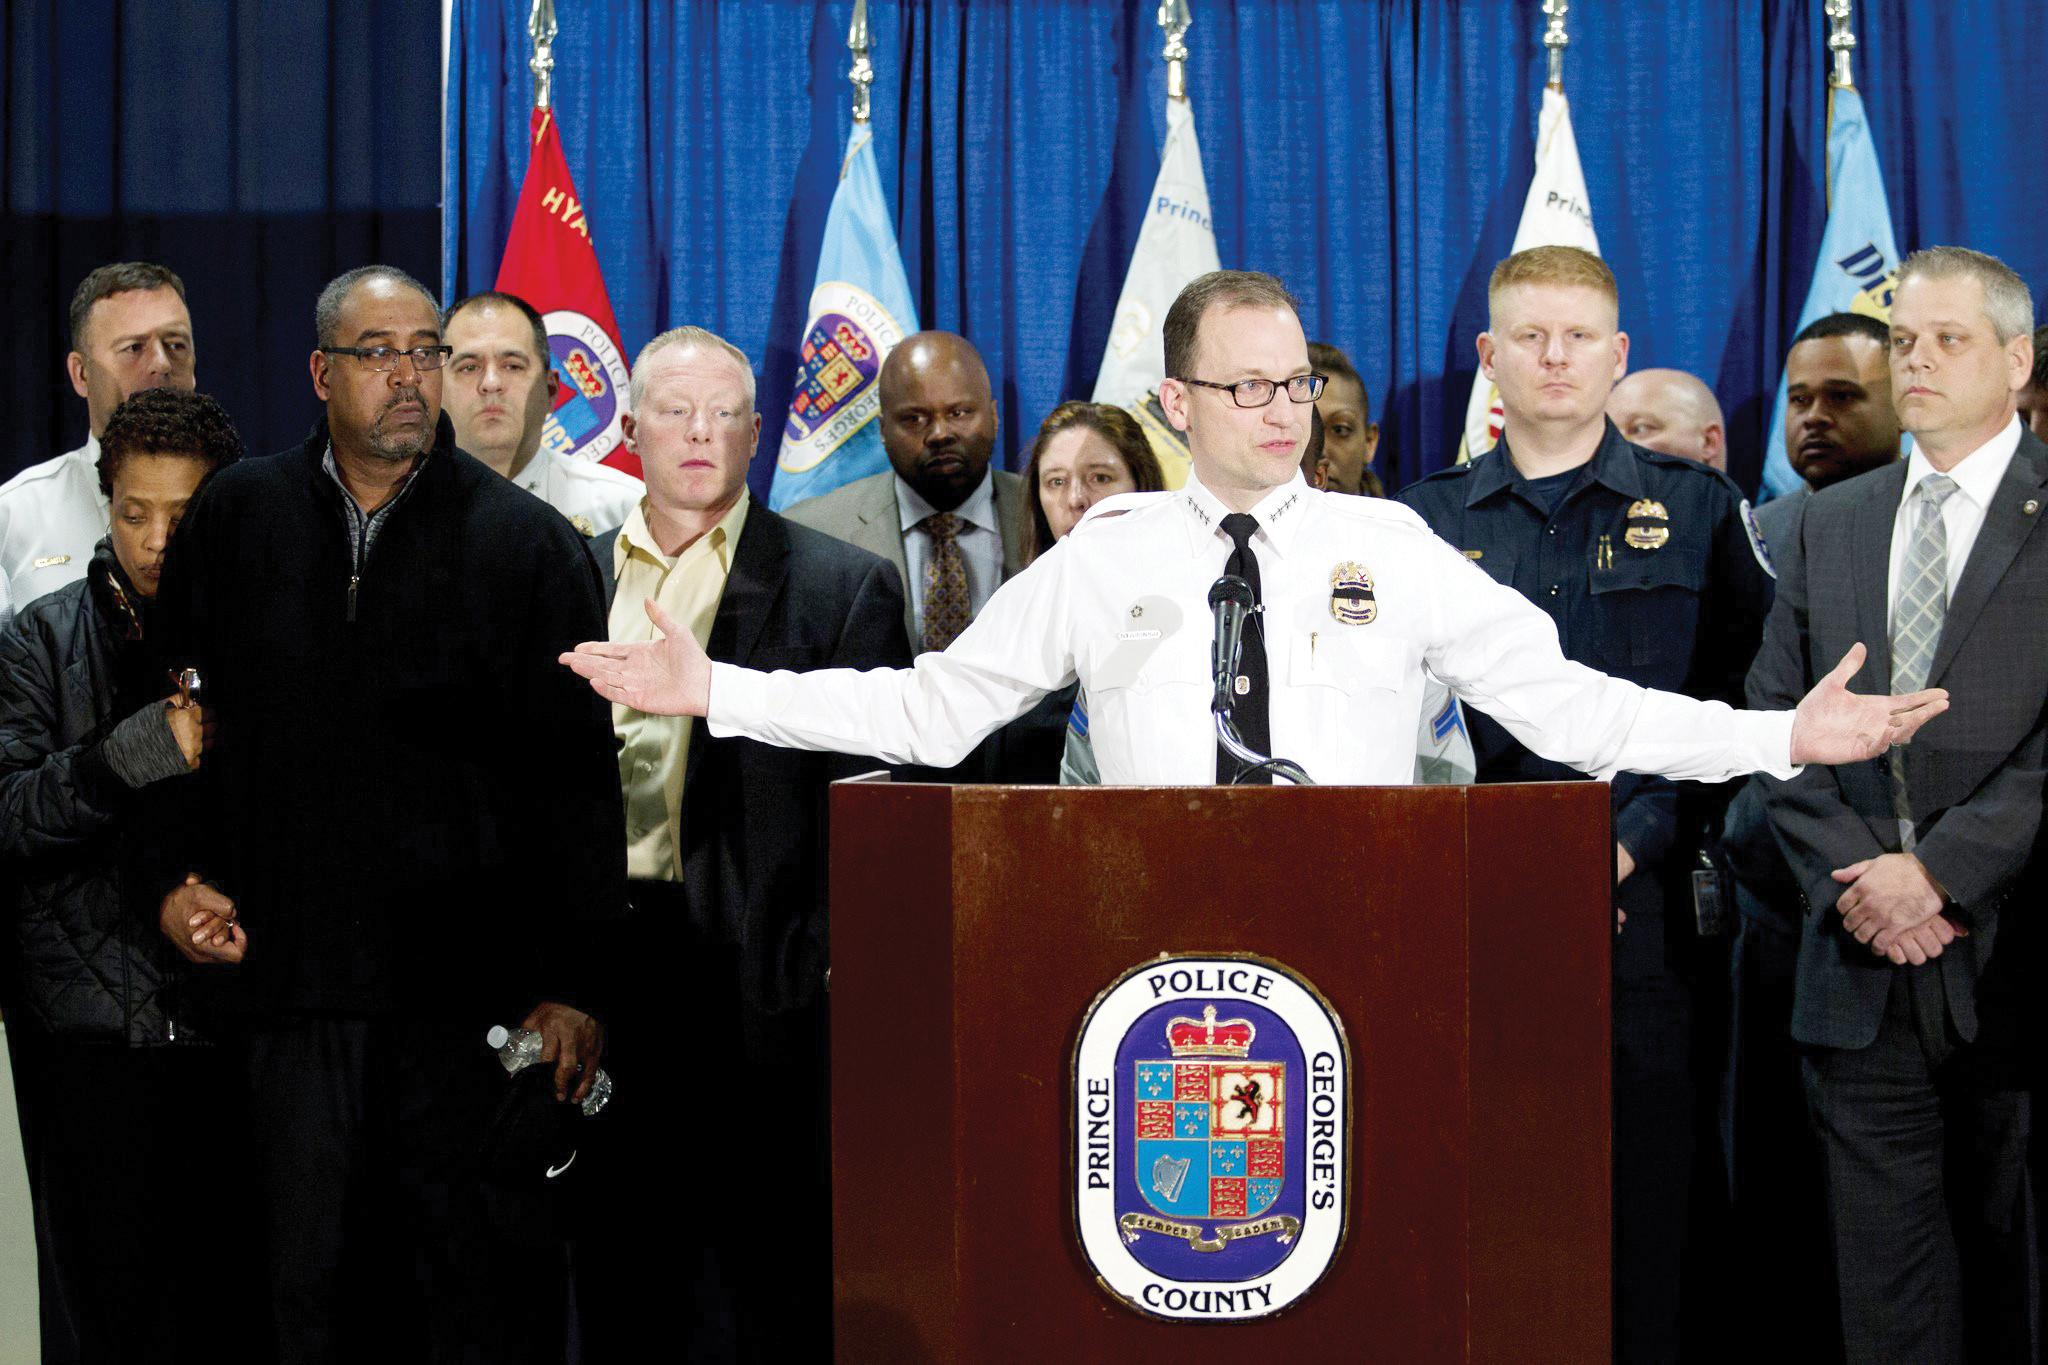 Grupo pide renuncia de jefe de policía